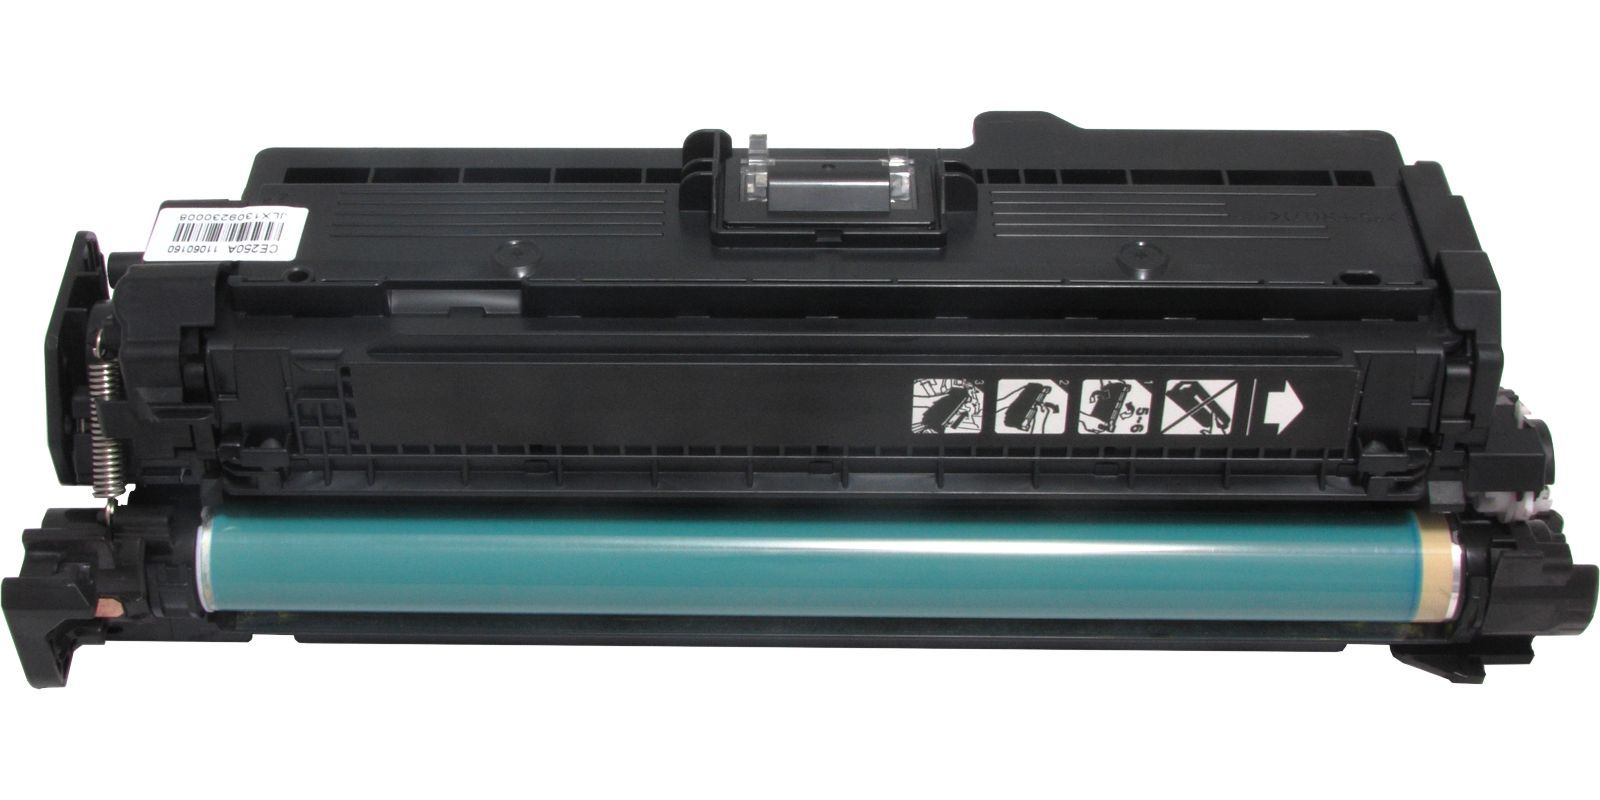 Картридж лазерный цветной MAK© 504A CE251A голубой (cyan), до 7000 стр.